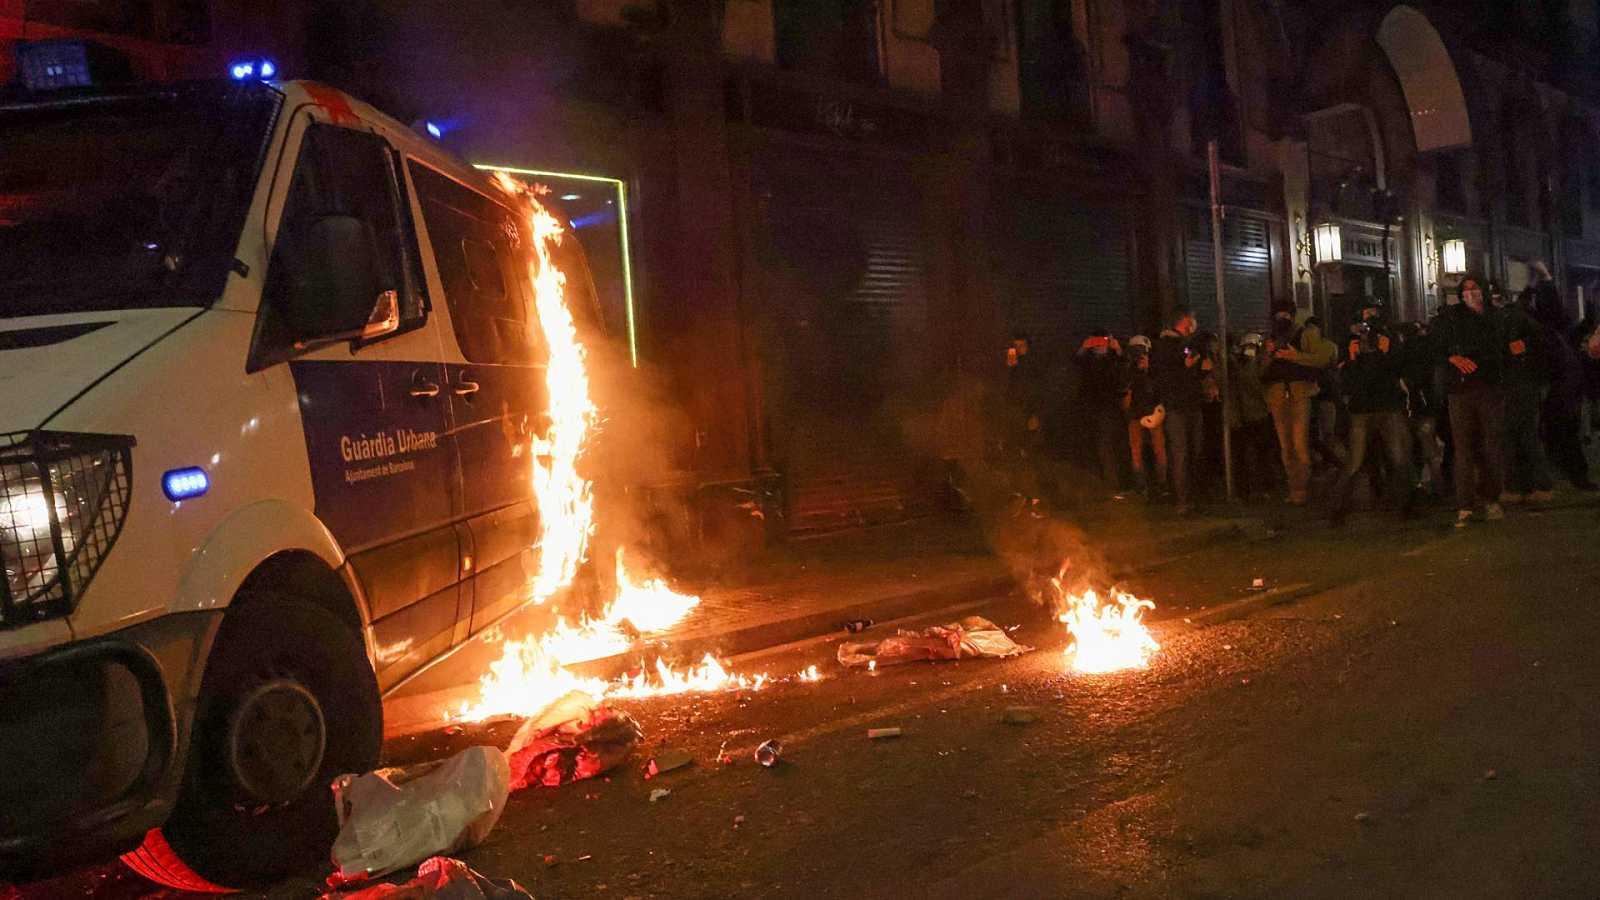 !4 Horas Fin de Semana - Ada Colau vuelve a condenar la violencia - Escuchar ahora